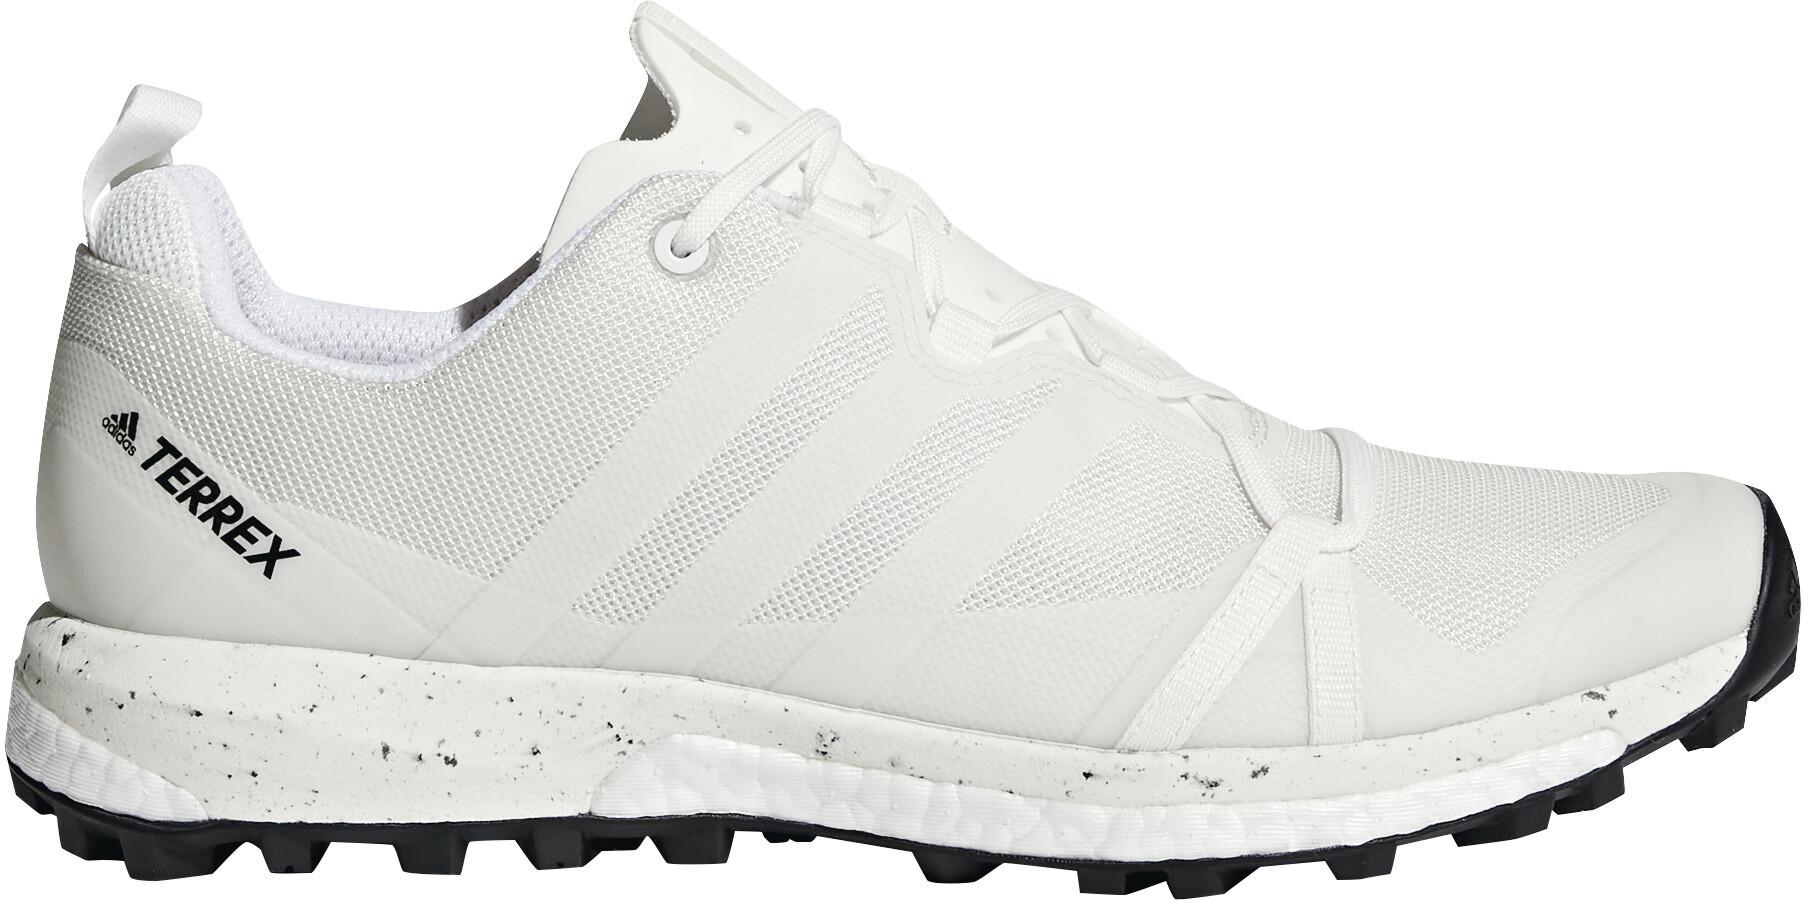 adidas TERREX Agravic Shoes Herre non dyedftwr whitecore black